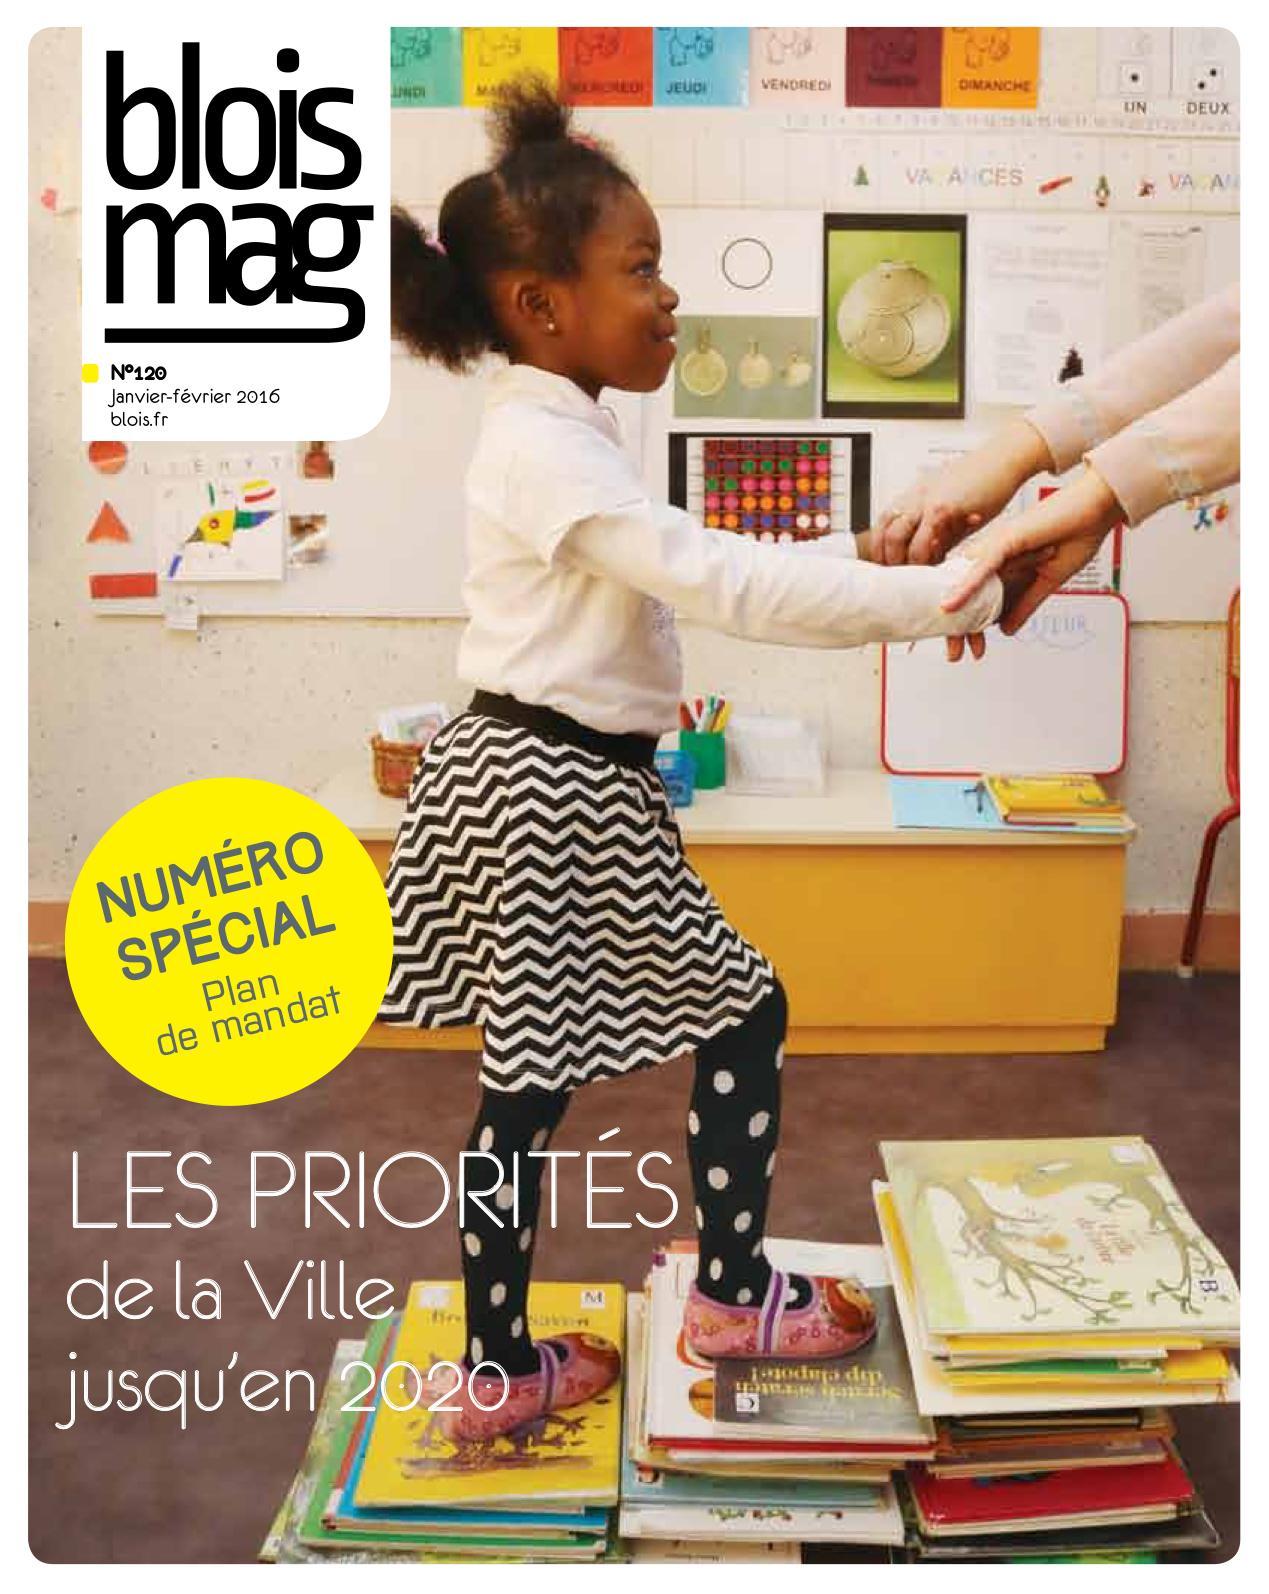 En couverture du Blois mag 120 (janvier-février 2016), une petite fille monte des marches constituées de livres, tenues par les mains par une personne adulte hors champ. En arrière-plan, un décor de classe d'école.